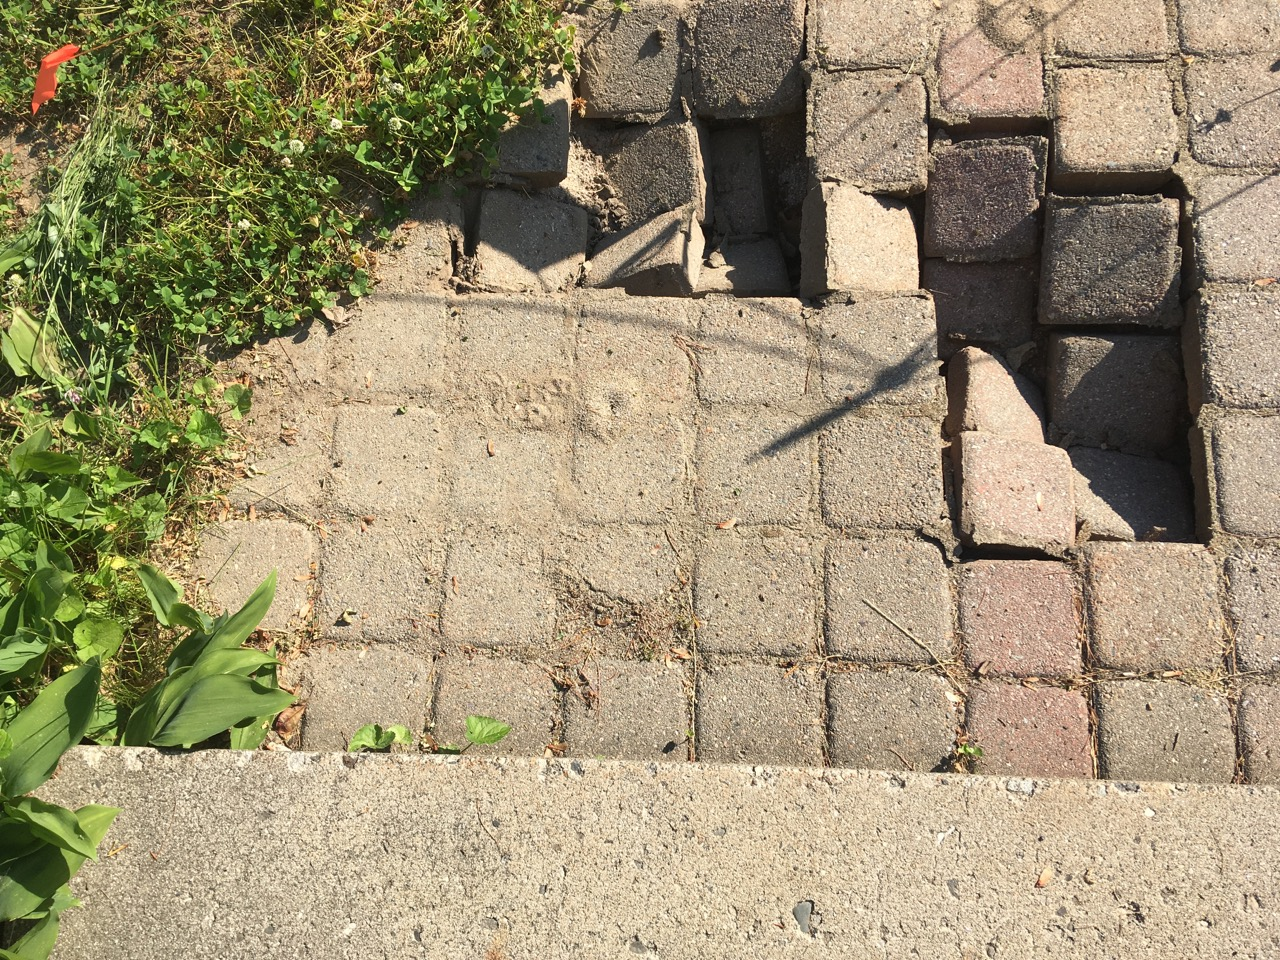 Broken walkway